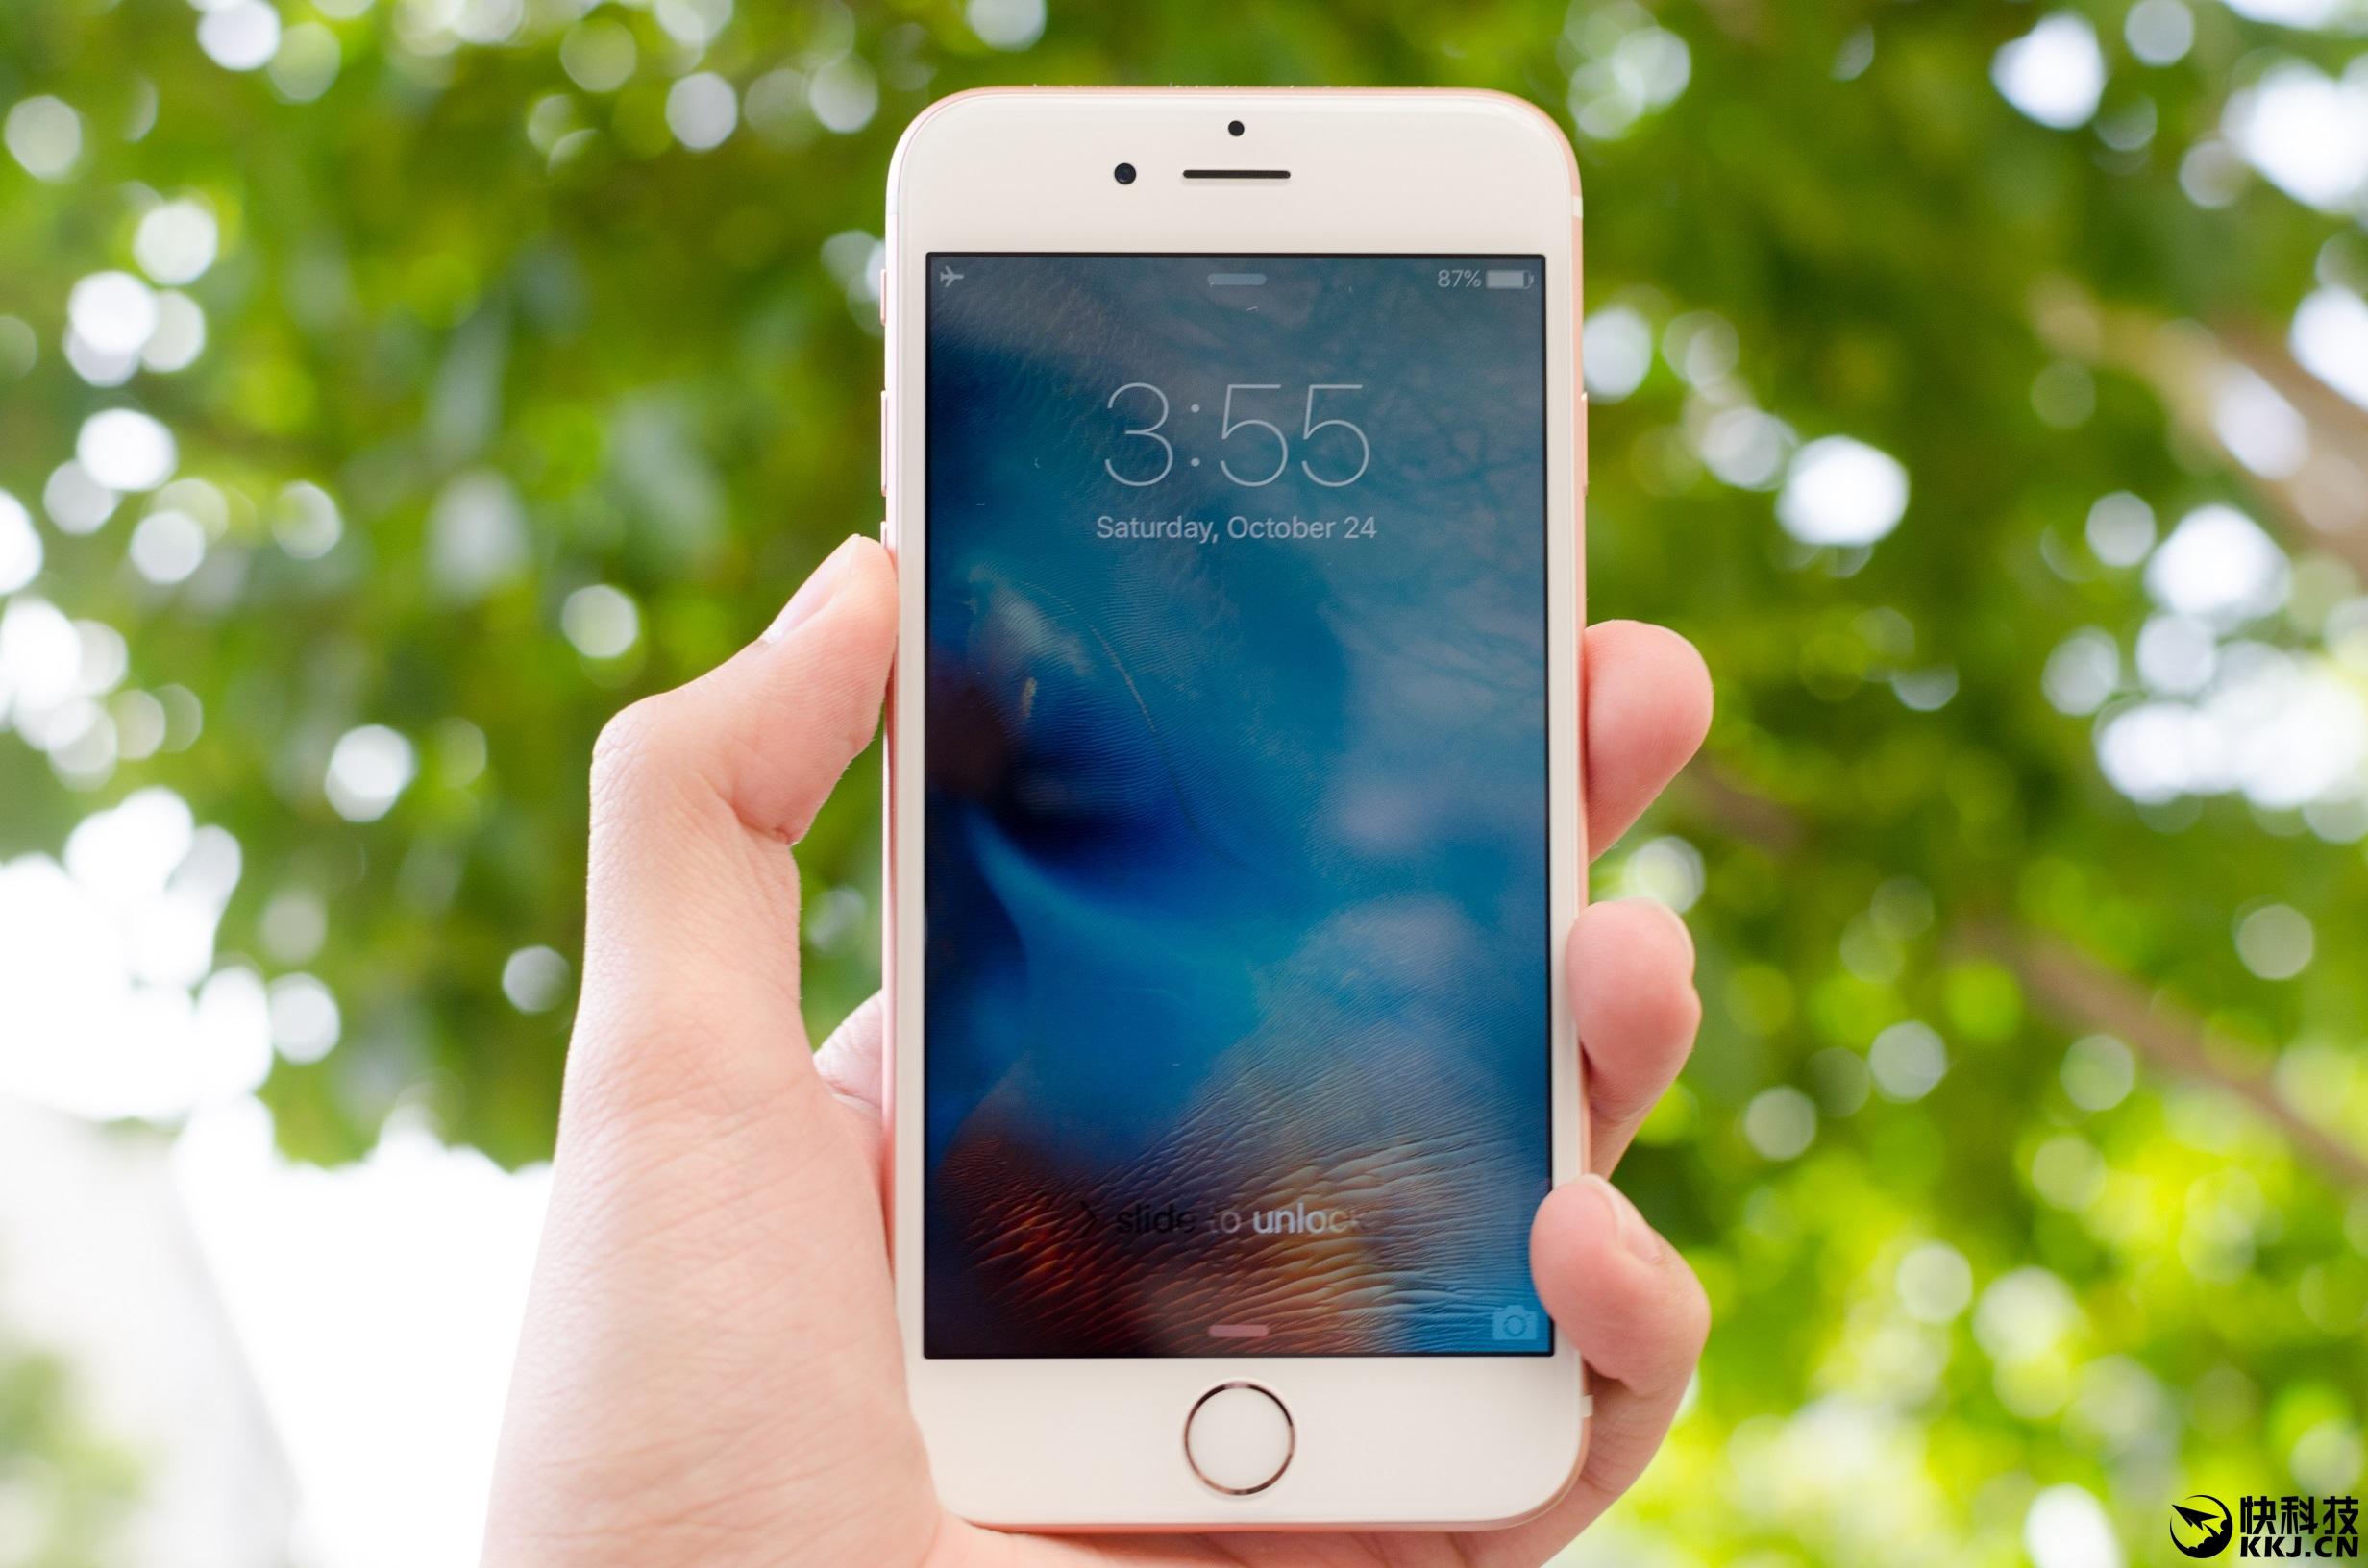 苹果6s的电池续航能力如何